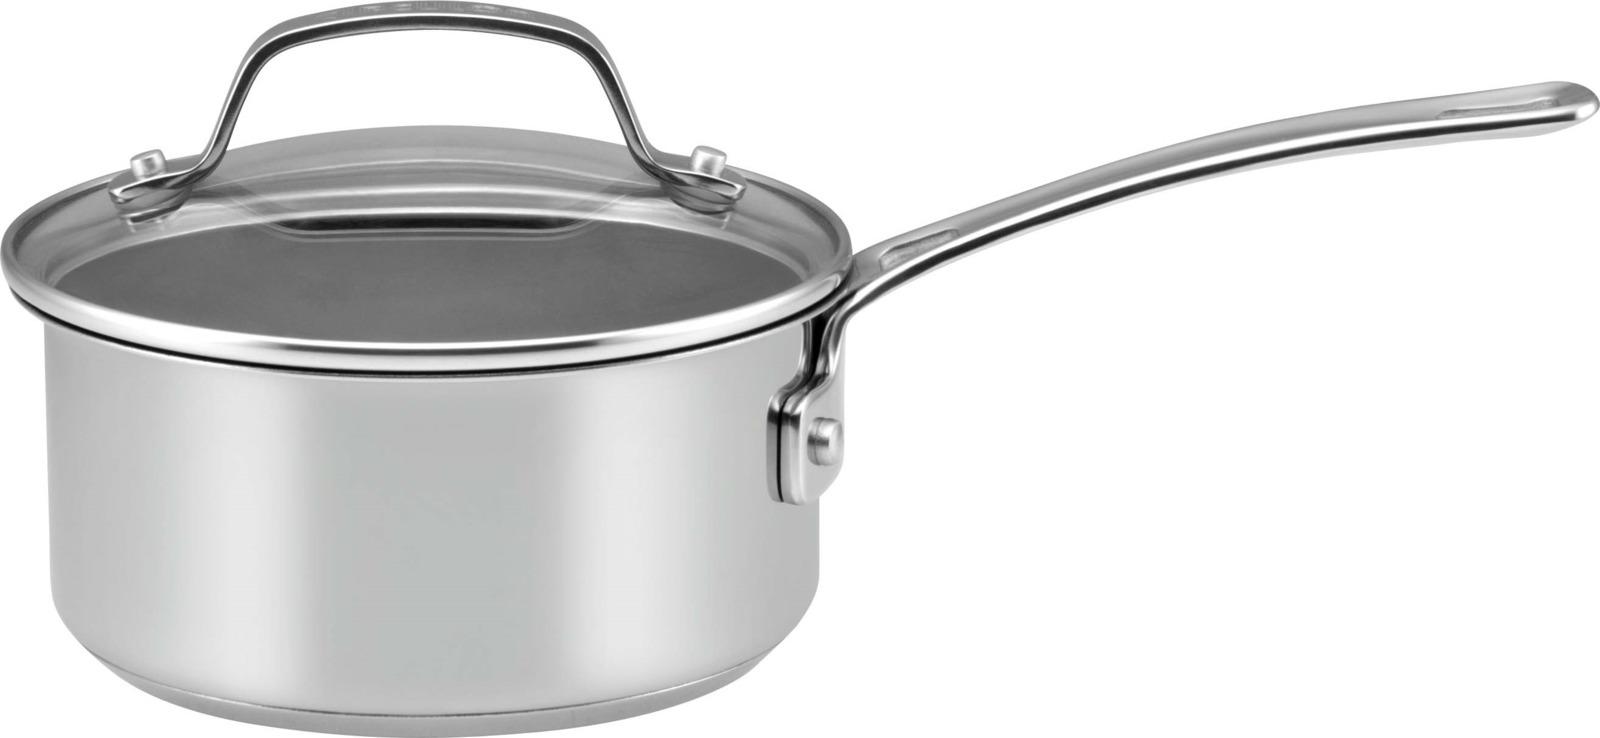 Сотейник Circulon Genesis с крышкой, 1,4 л77876GCСотейник c крышкой отлично подойдет для приготовления соусов, горячего шоколада, яиц или разогревания небольших порций любимых блюд. Ударопрочная стеклянная крышка и удобная ручка, которая не нагревается во время использования. Особенности:- объем 1,4 л - выдерживает температуру до 260°- надежное антипригарное покрытие- можно мыть в посудомоечной машине- подходит для любых видов плит- можно использовать металлические лопатки и ложкиGenesis — коллекция кастрюль и сковород, которые незаменимы на любой кухне. Это идеальное сочетание надежности и эргономичности. Посуда выполнена из нержавеющей стали с внутренним слоем из алюминия и антипригарным покрытием с кольцевым рифлением TOTAL®, которое не содержит PFOA и устойчиво к повреждениям даже от металлических приборов. 3-х слойная технология обеспечивает равномерное распределение жара по всей поверхности. С посудой Circulon легко и приятно готовить полезные блюда даже начинающим кулинарам.